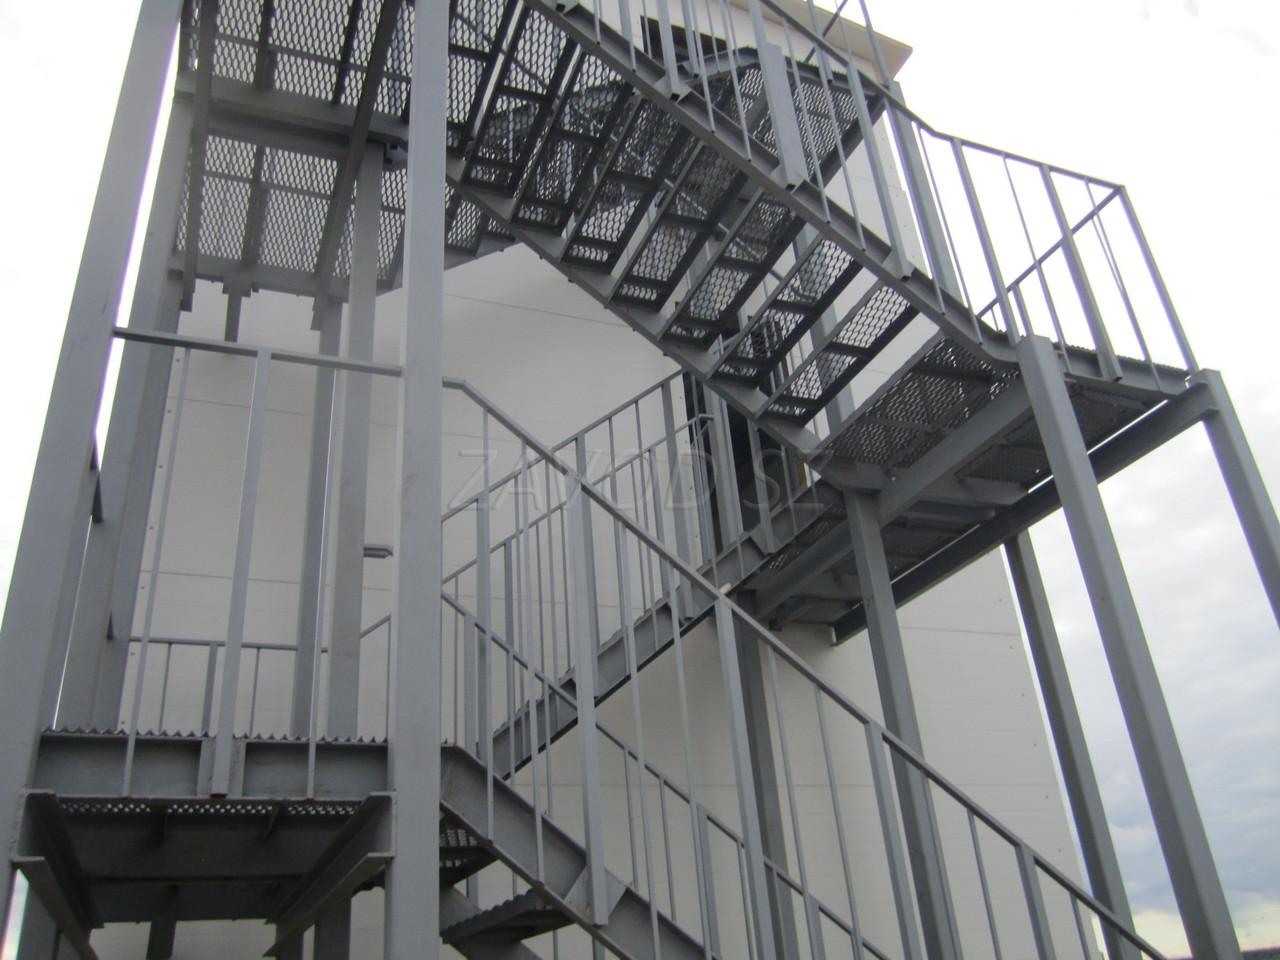 Метод испытания пожарных лестниц